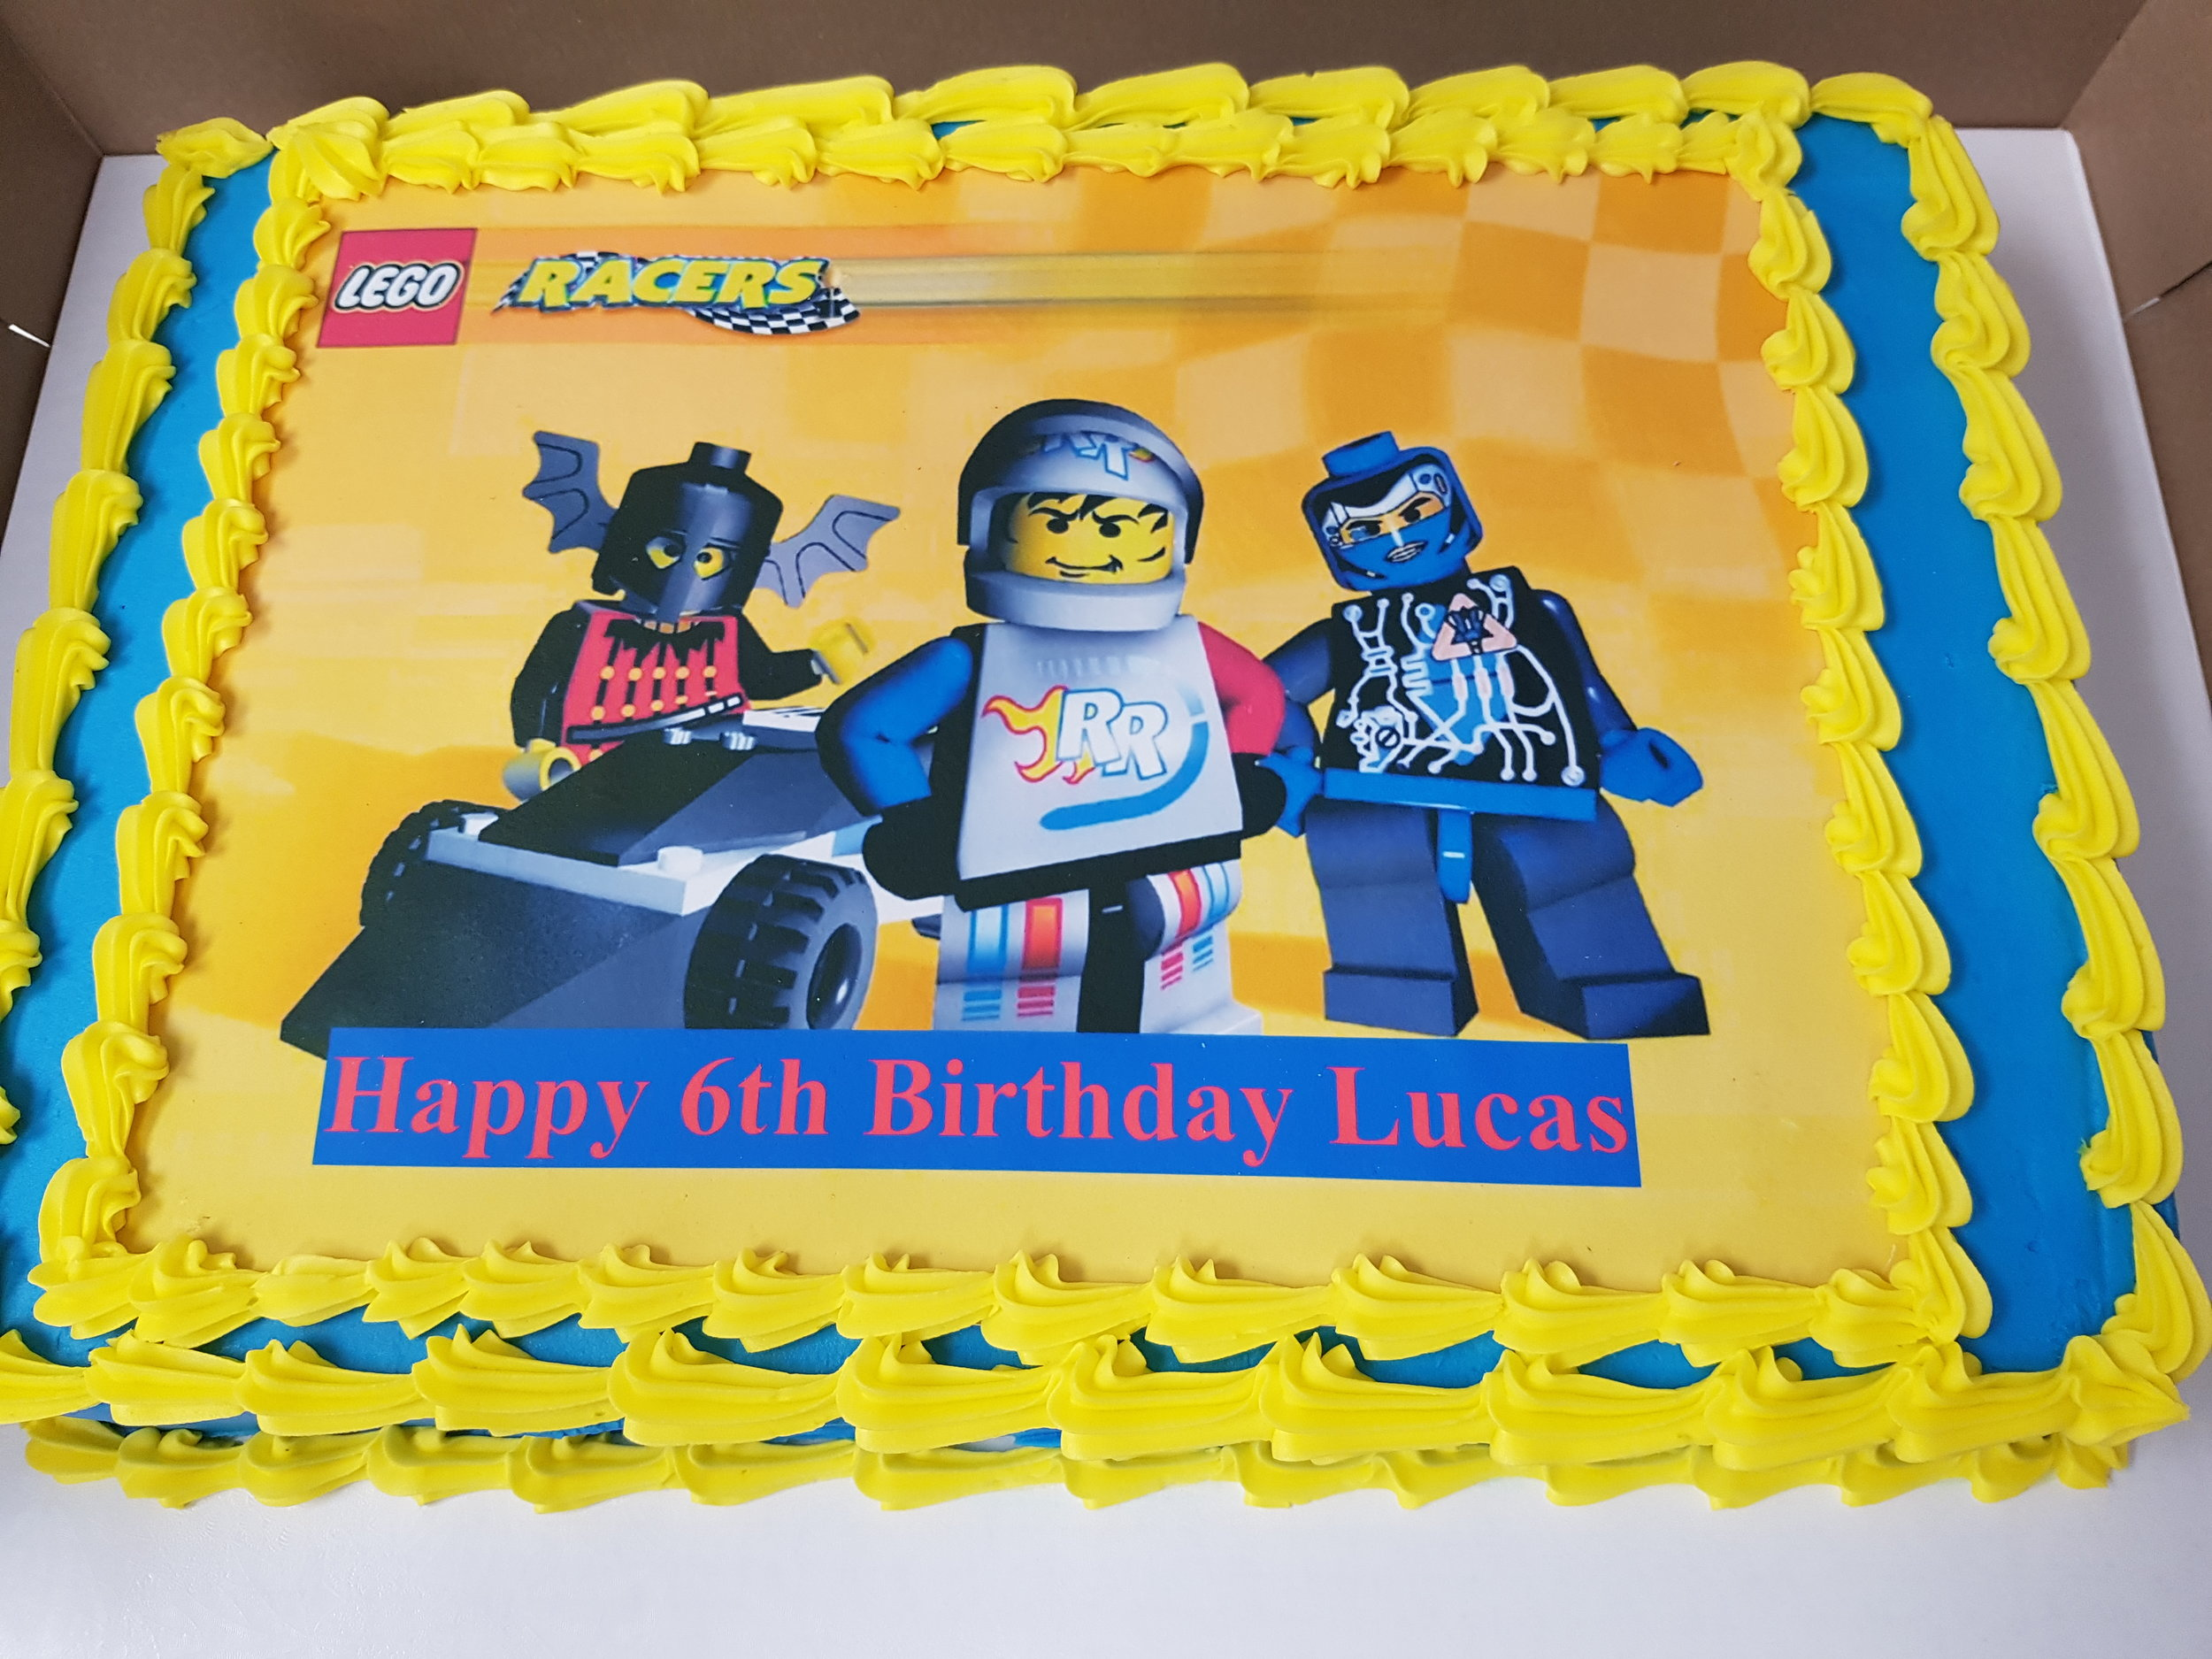 Lego Knights